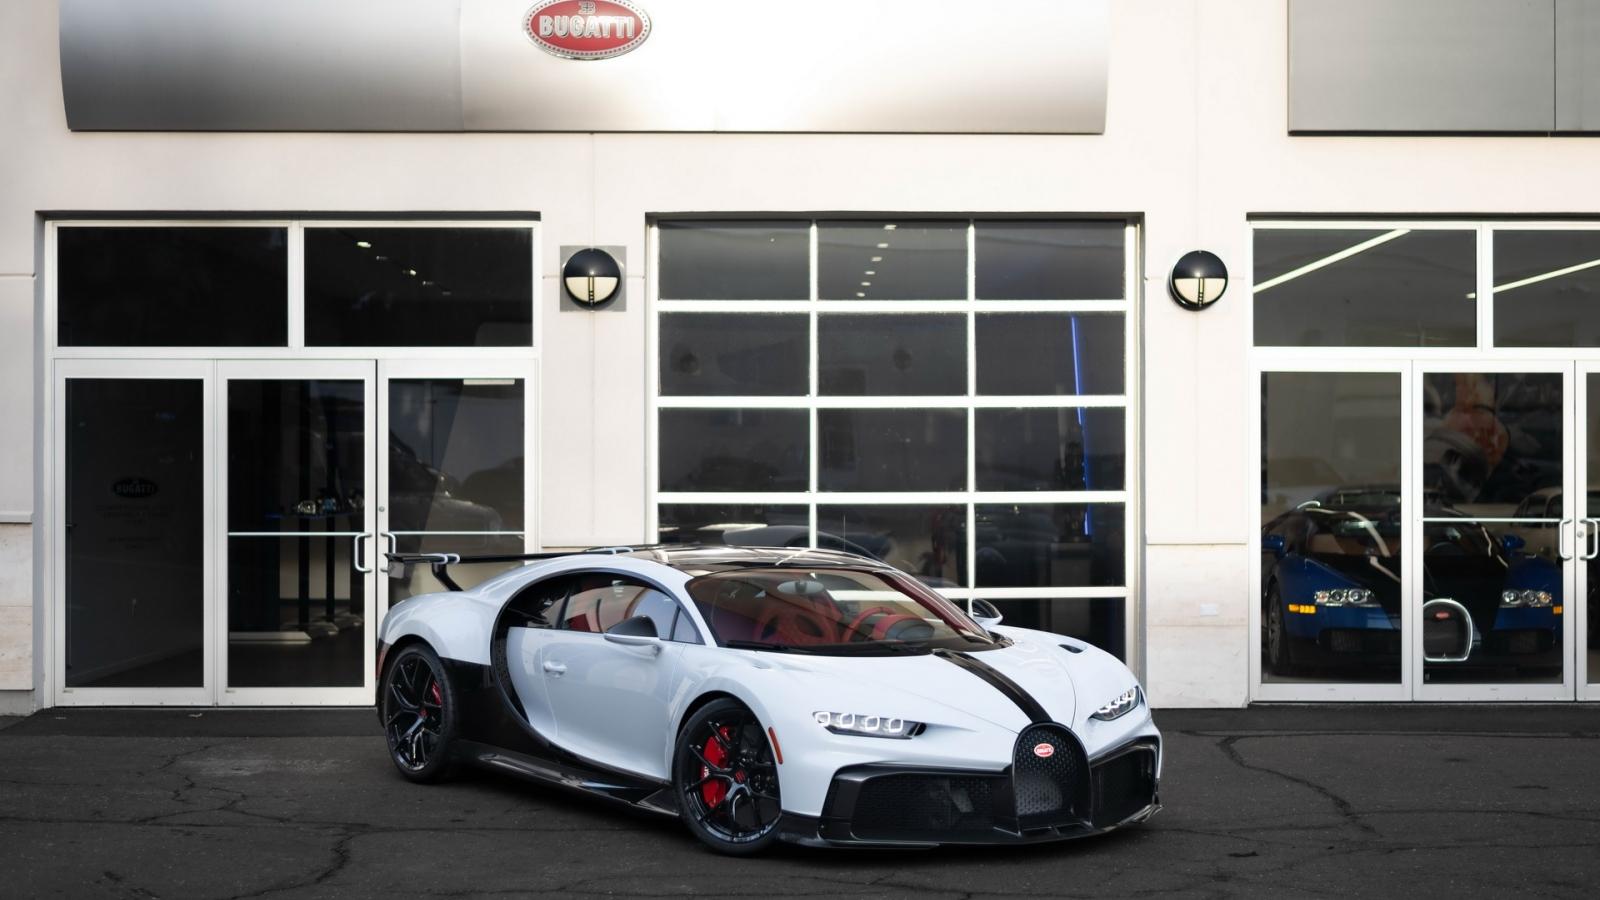 Siêu phẩm đường đua Bugatti Chiron Pur Sport chính thức đến tay khách hàng